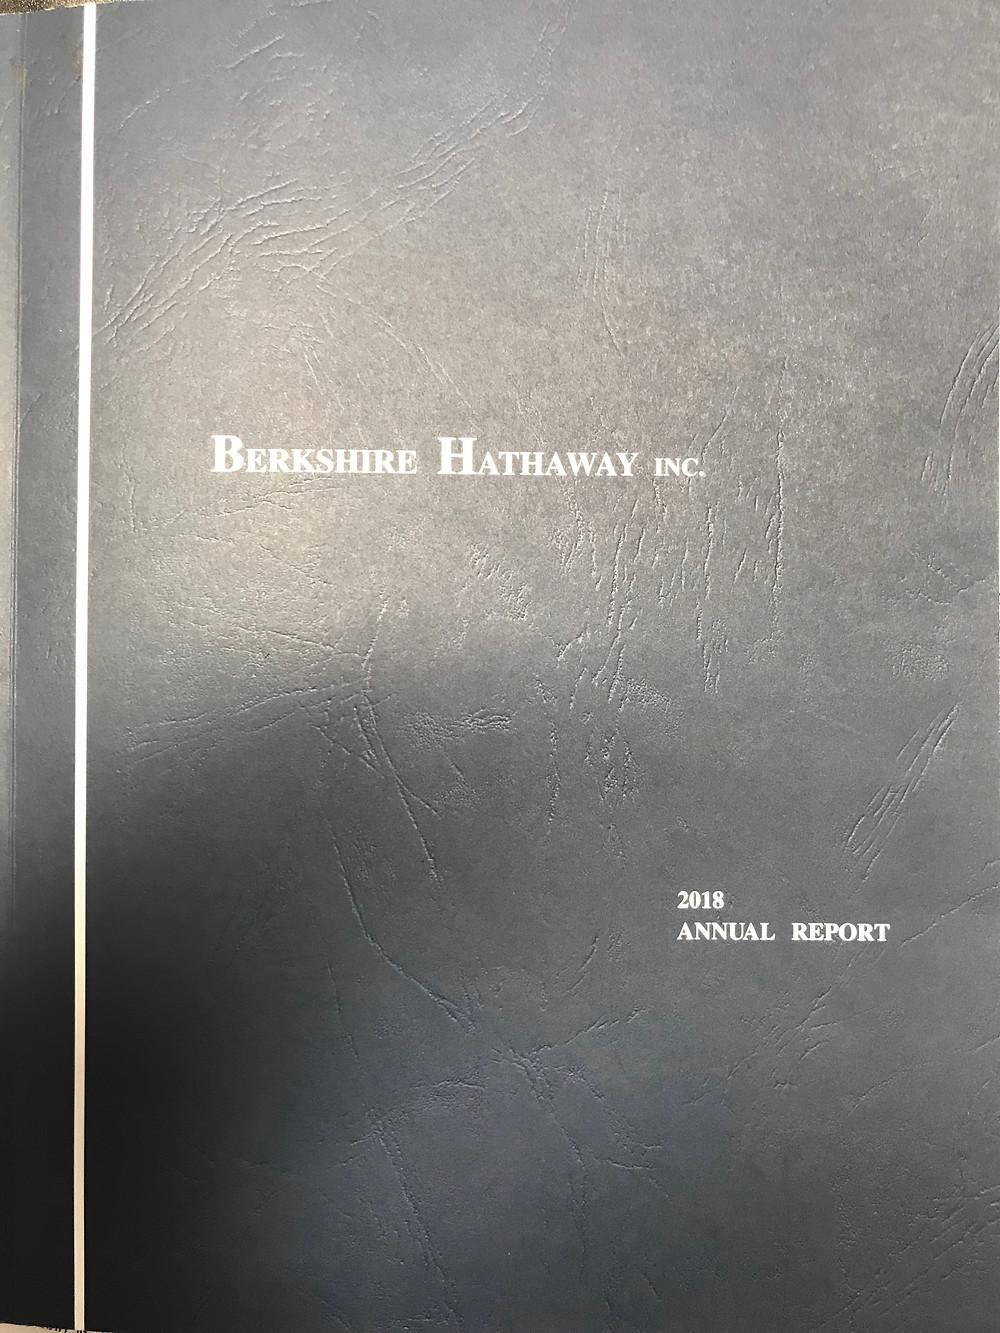 תובנות מהדוח השנתי לשנת 2018 של ברקשייר האת'ווי ווורן באפט